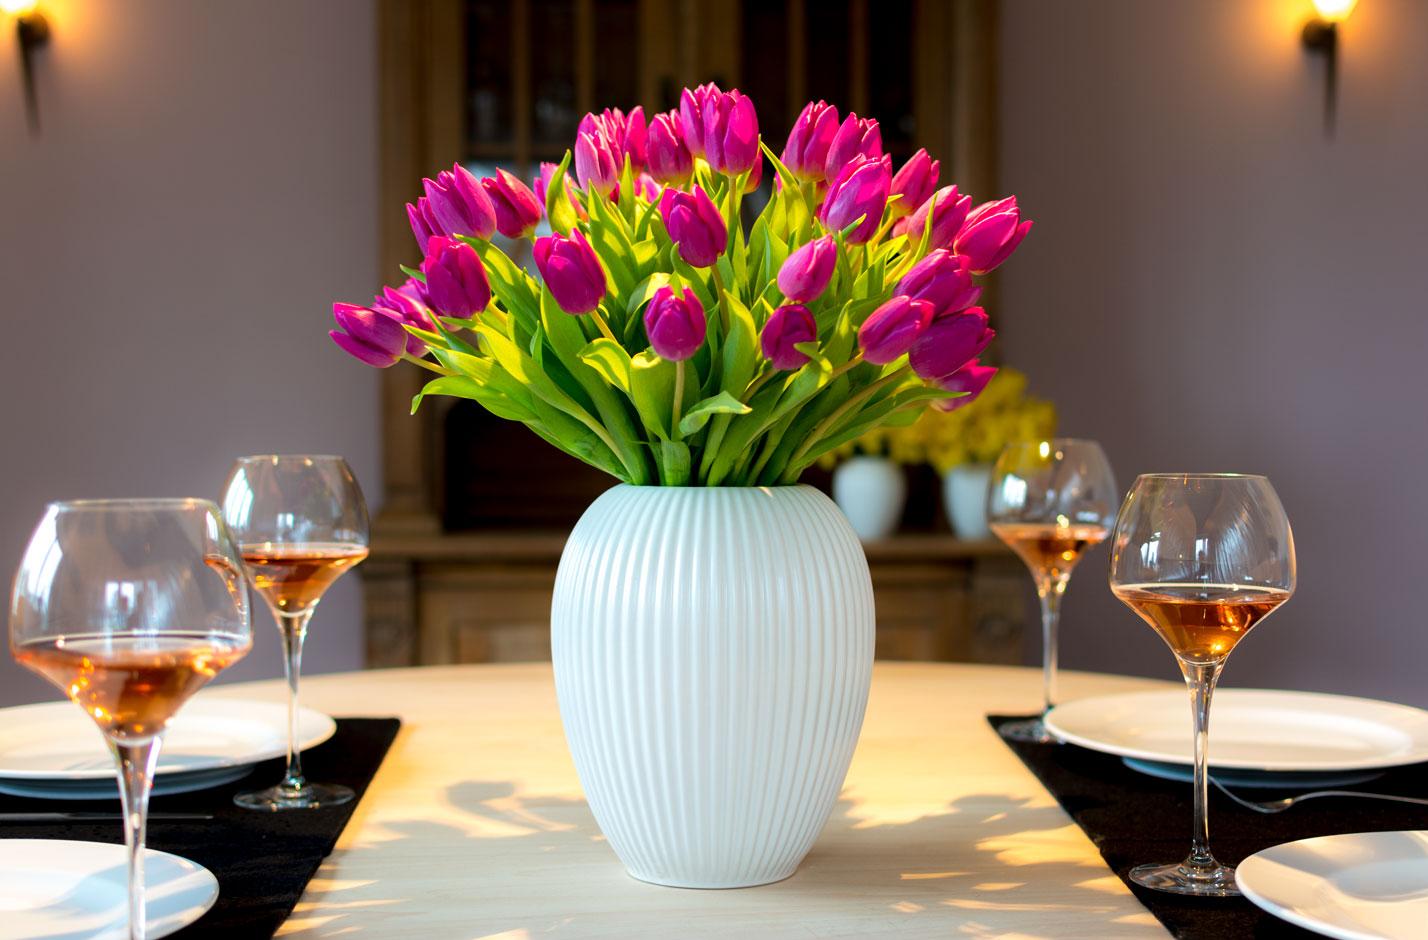 Hvid Riflet Michael Andersen Keramik Vase Model 4767 Lilla Tulipaner Middagsbord